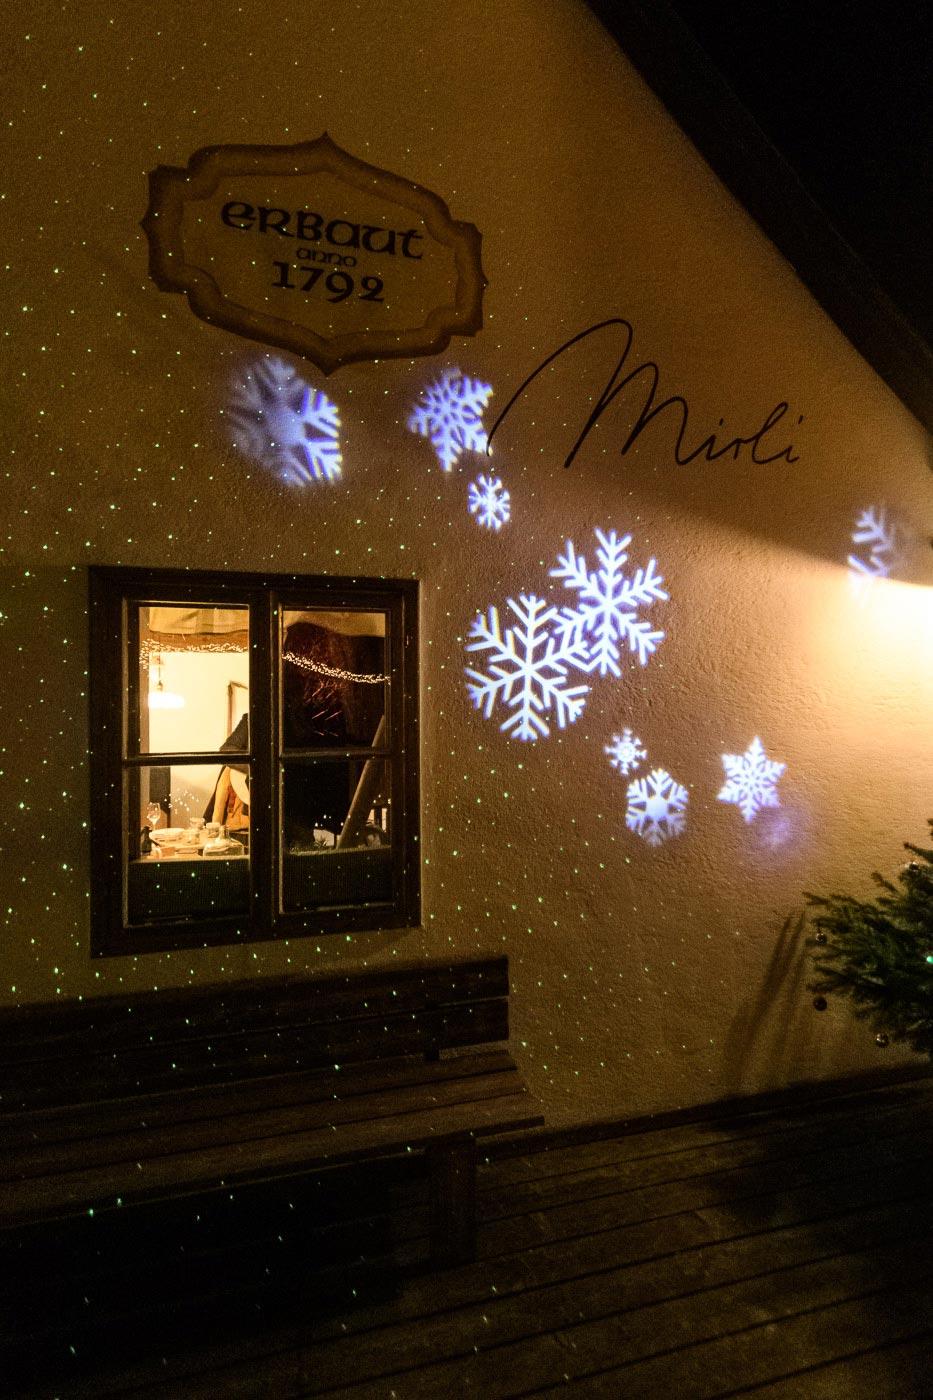 Ö-Ticket Weihnachtsfeier bei Mirli